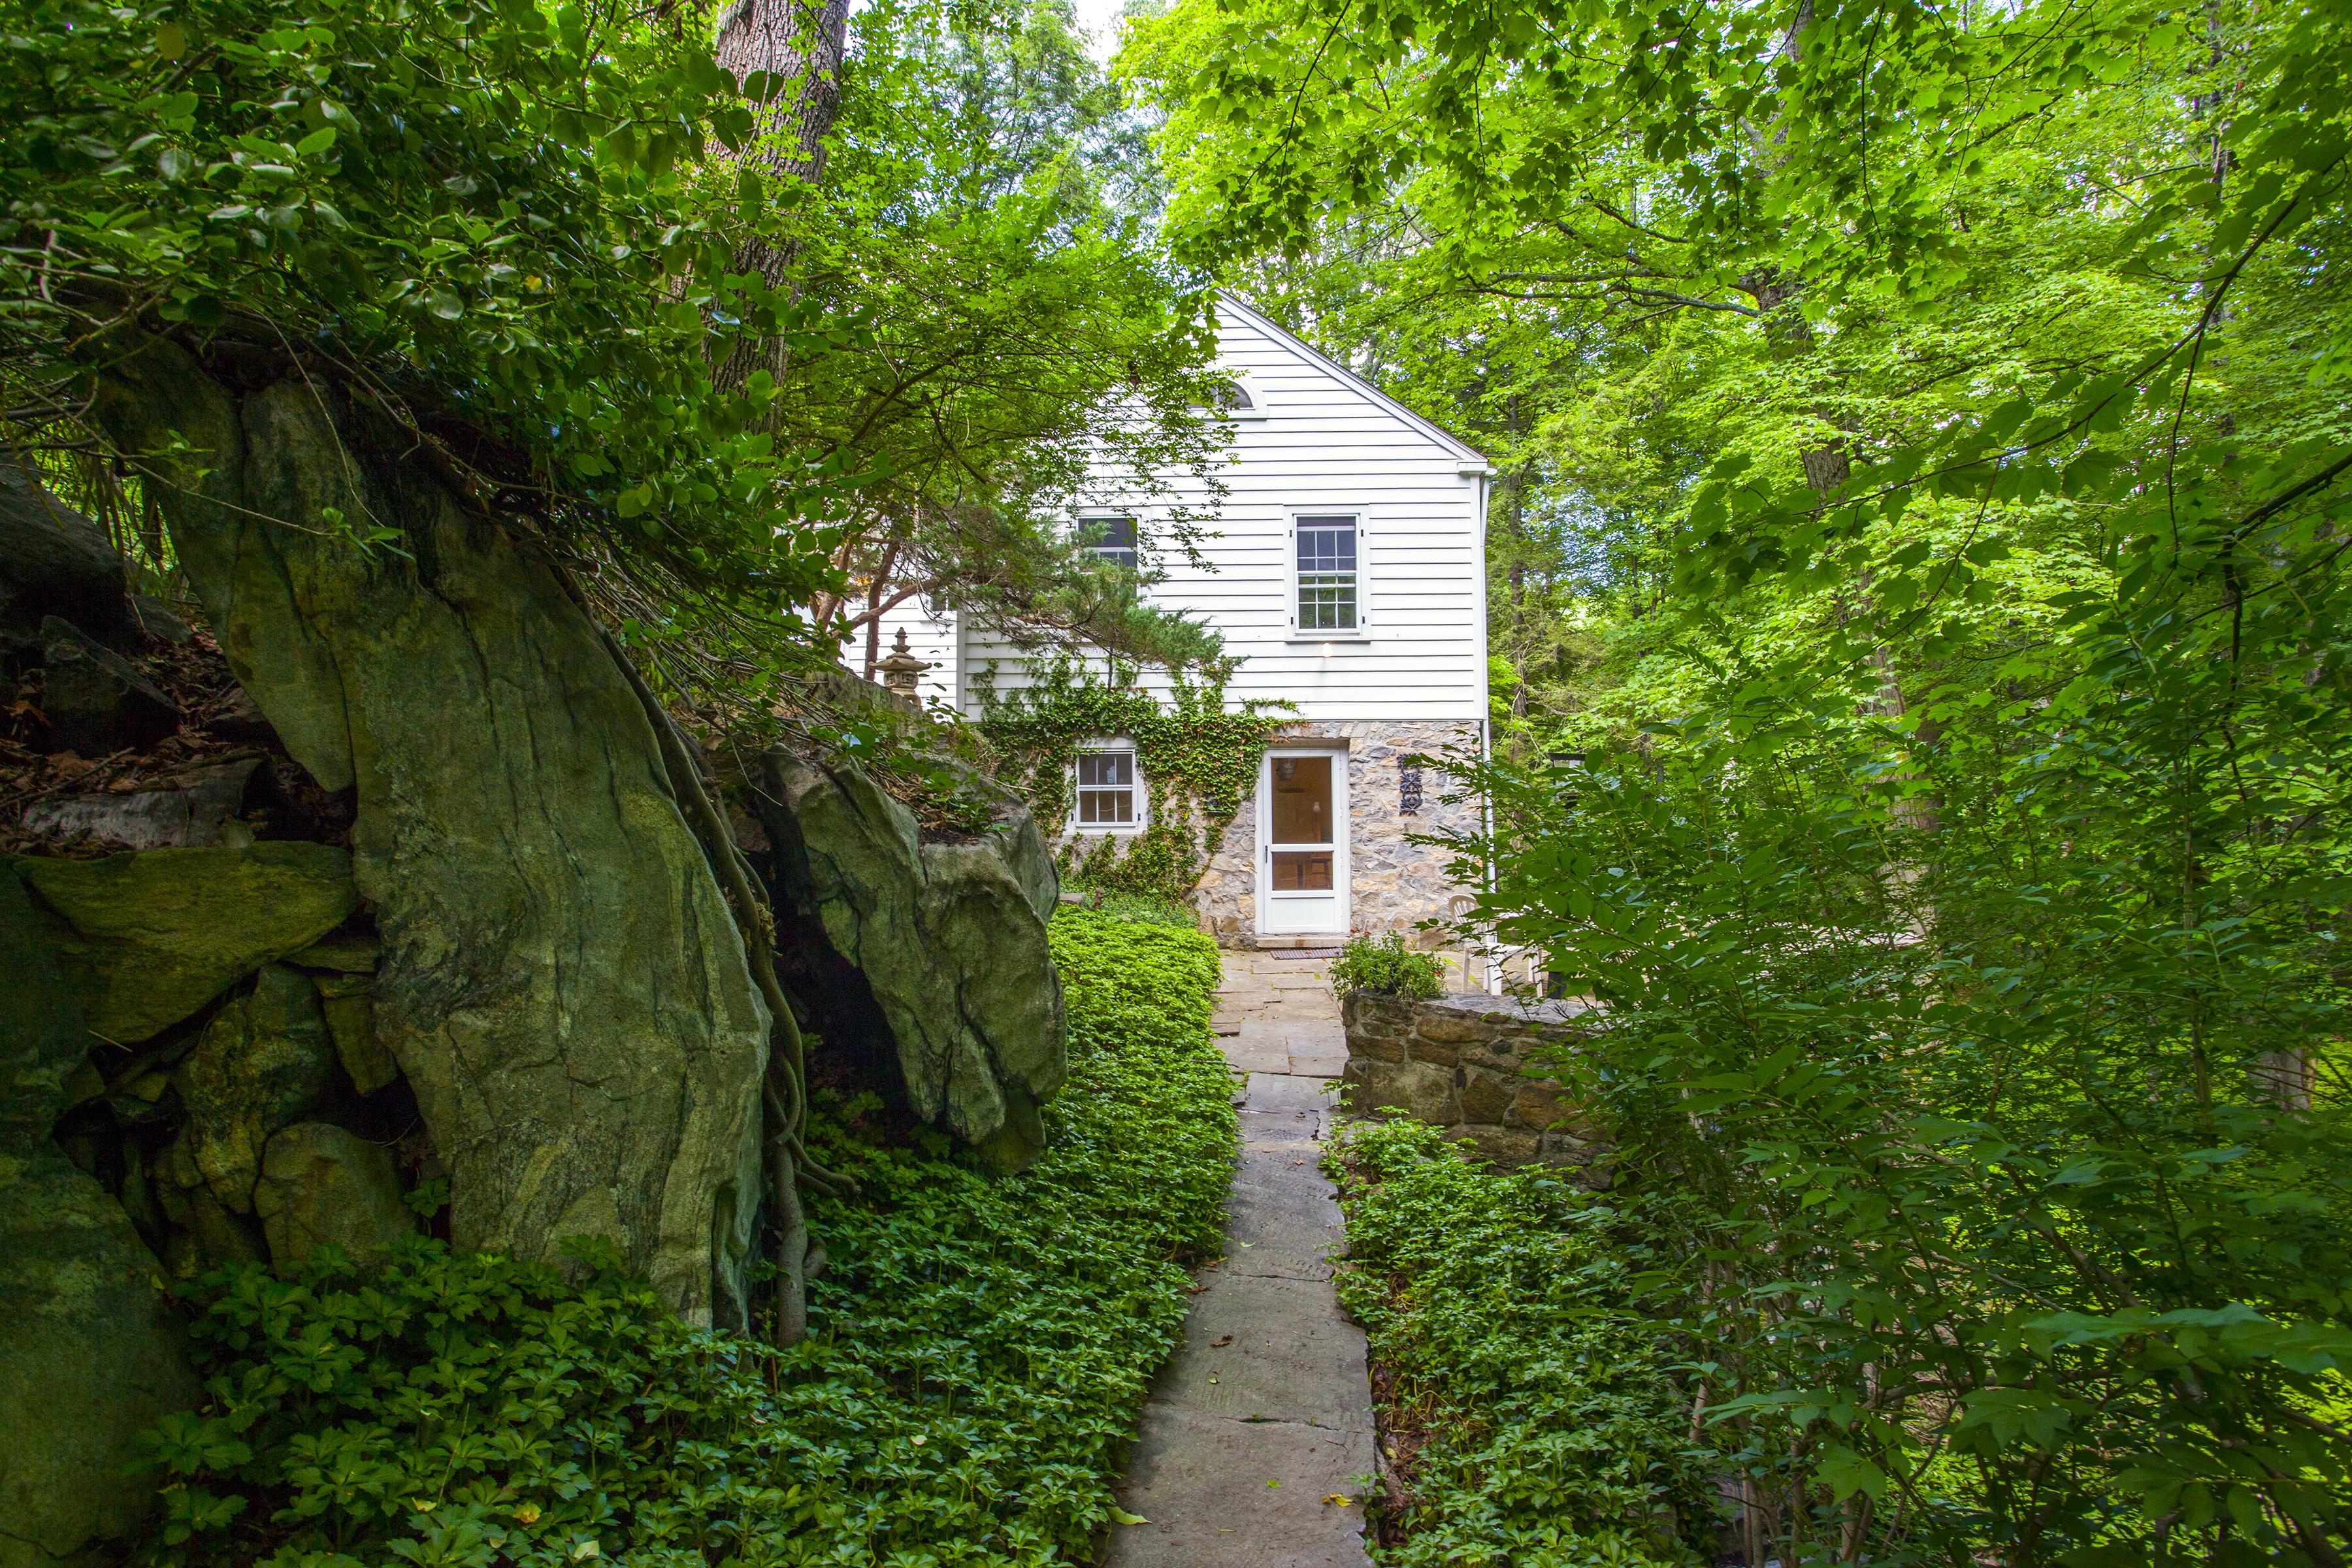 Casa Unifamiliar por un Venta en Hidden Riverside Treasure 618 Kent Rd New Milford, Connecticut, 06755 Estados Unidos